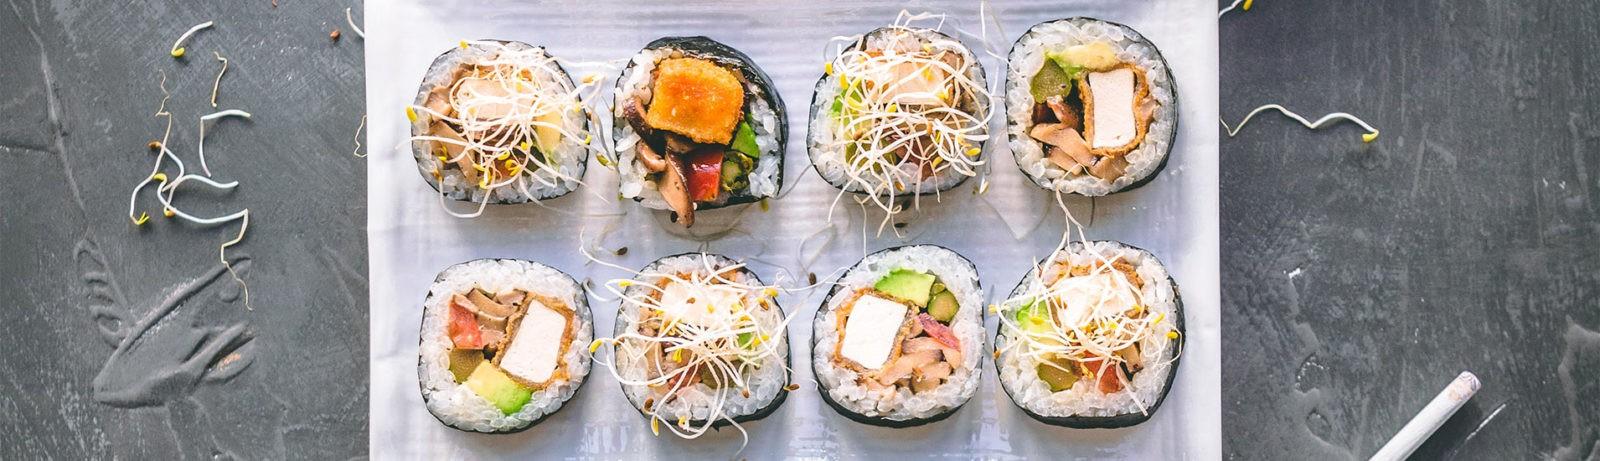 Los sabores que recuerdan al sushi de Venezuela